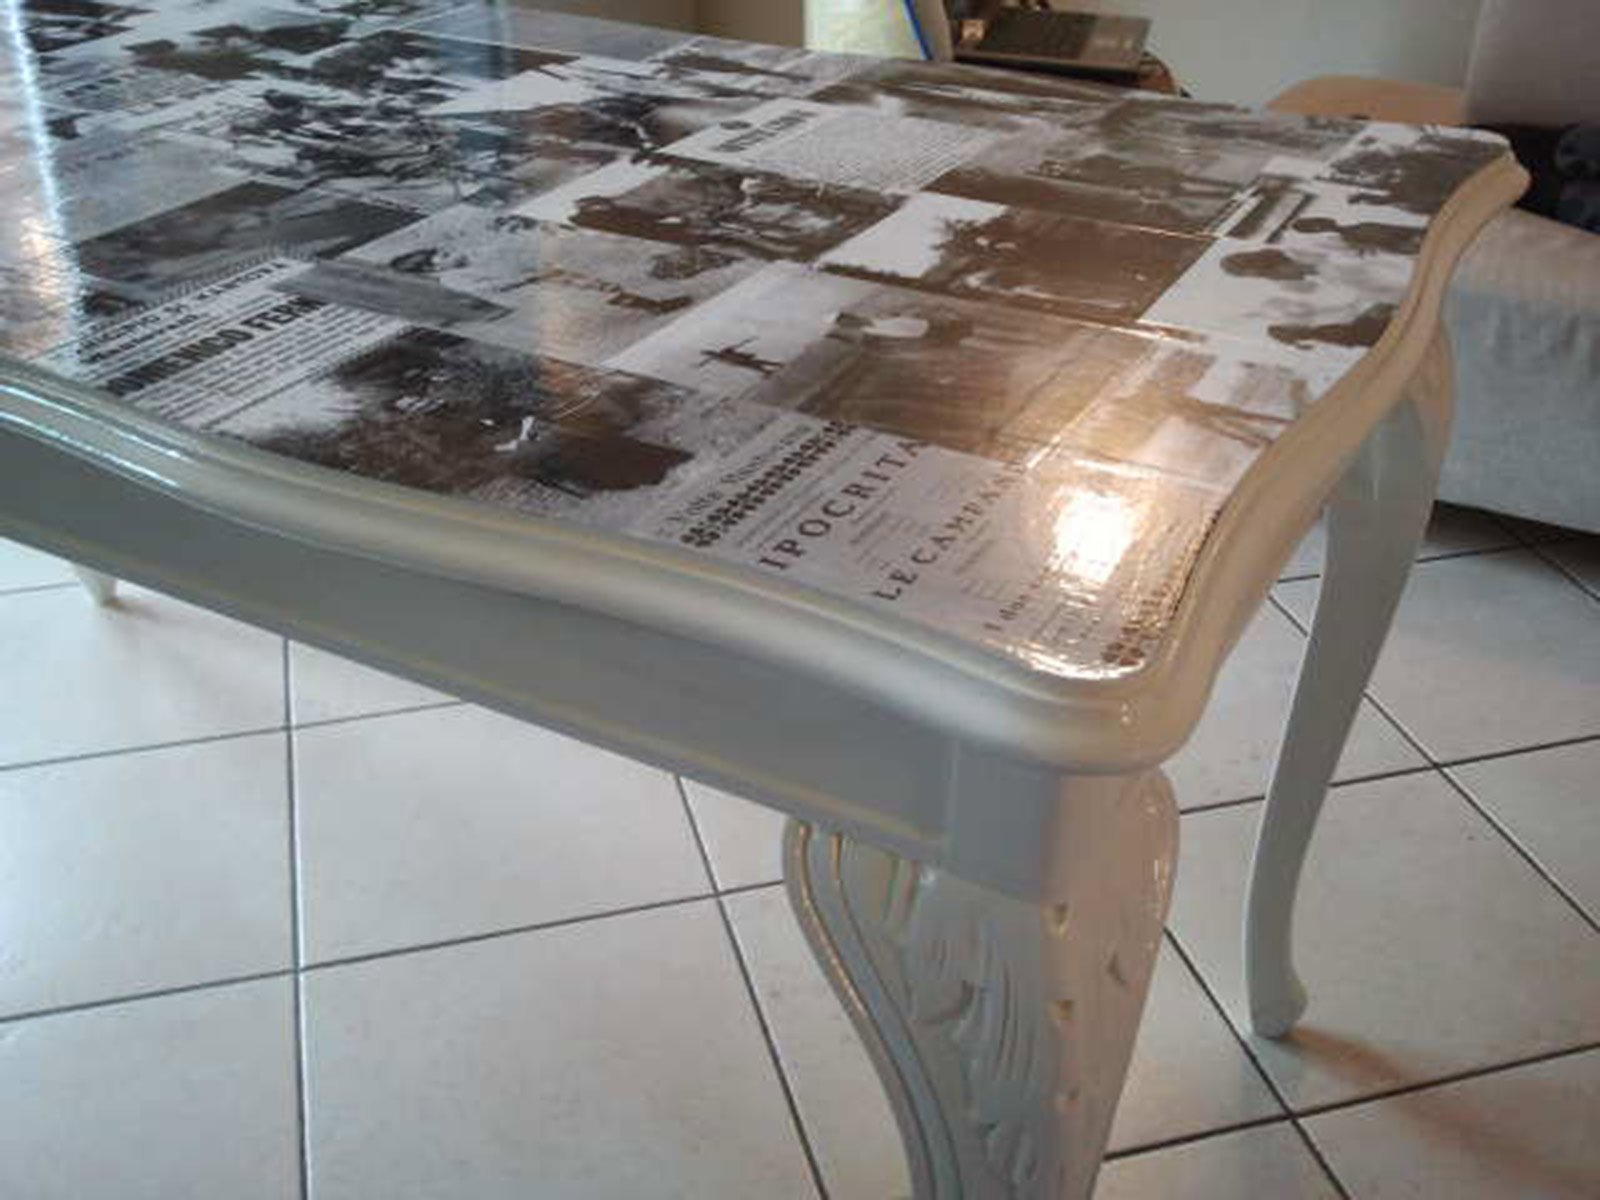 Rinnovare un vecchio tavolo in legno cose di casa - Come rinnovare una cucina in legno ...